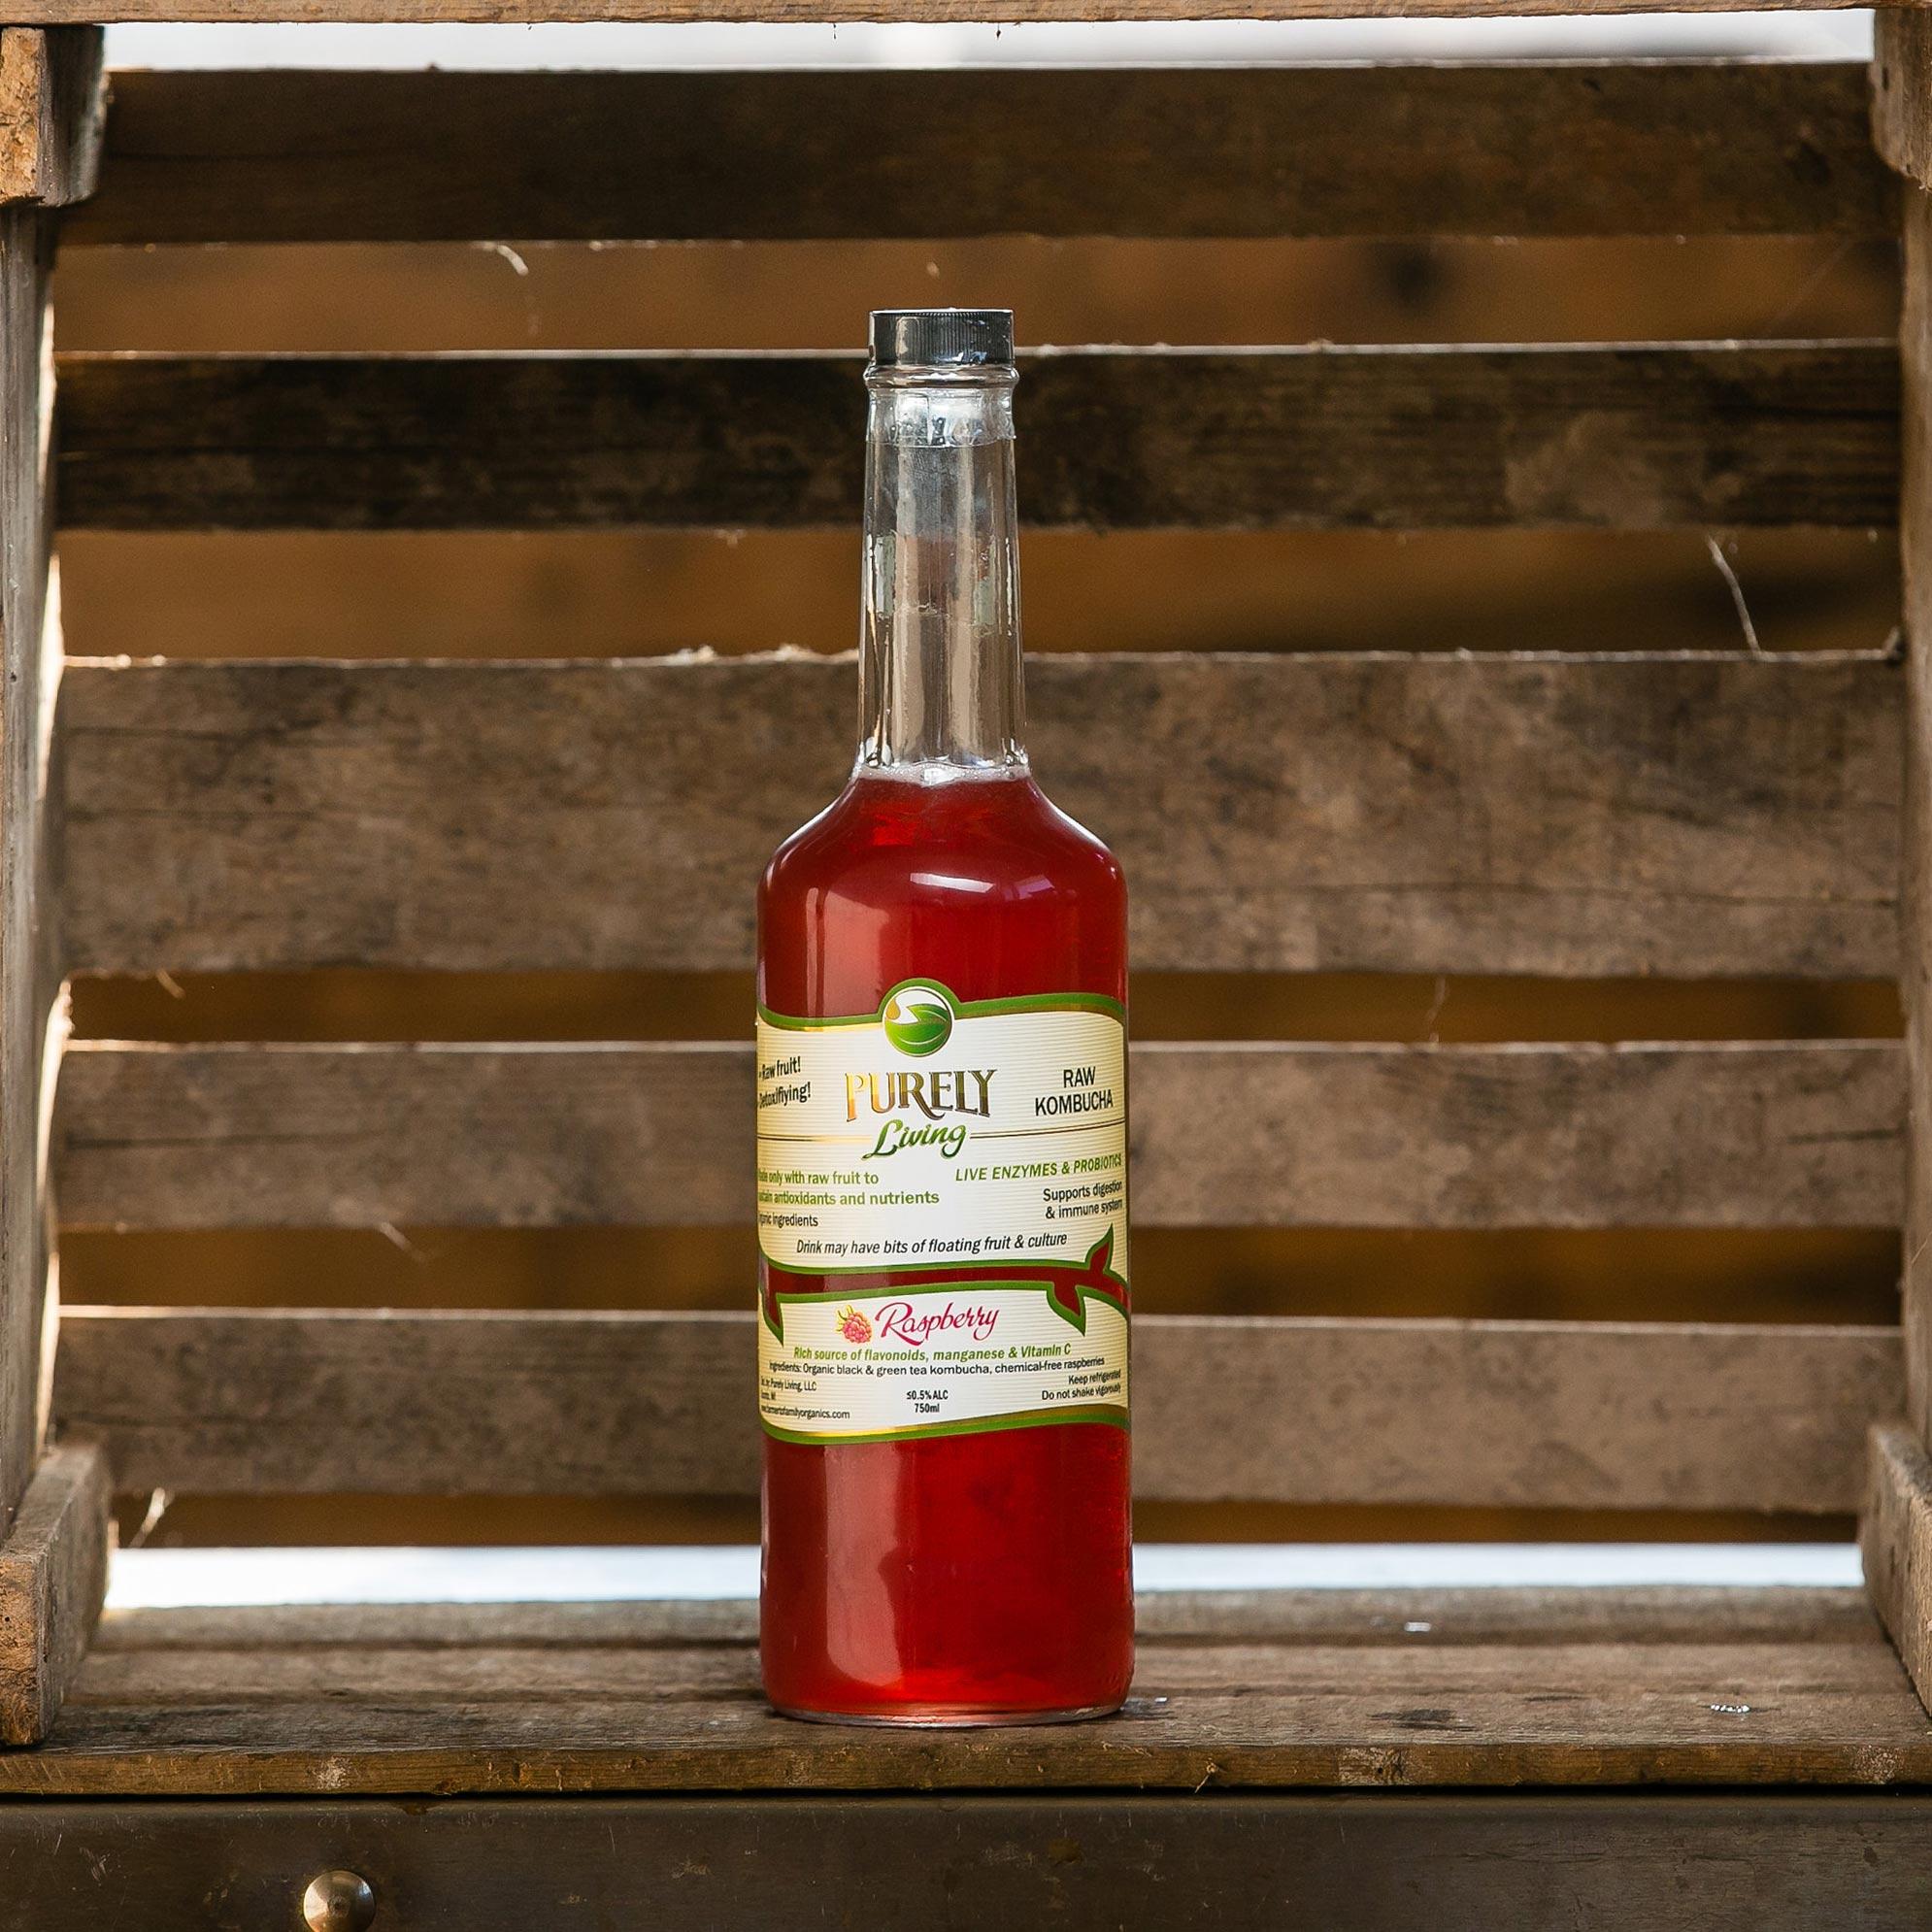 Raspberry - Ingredients: Organic Black and Green Tea Kombucha, Raw Raspberries